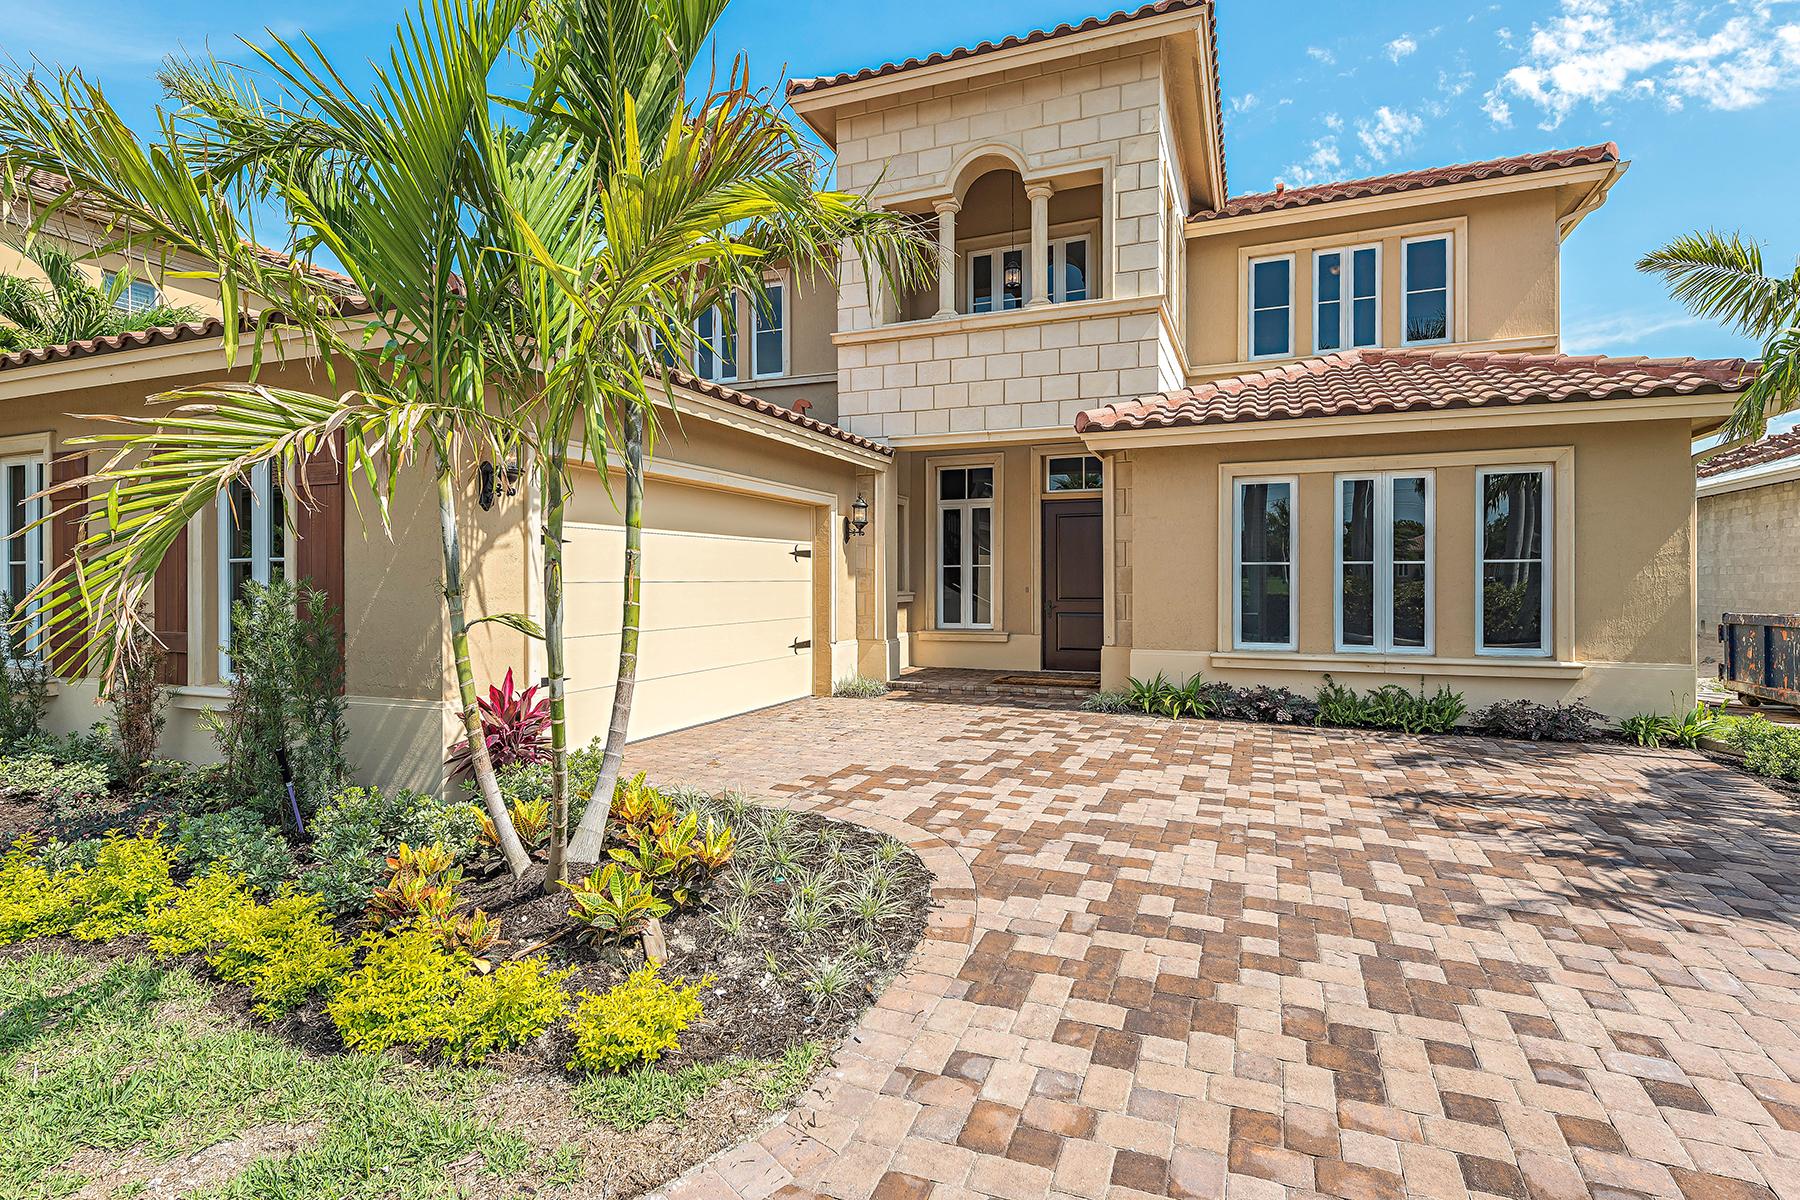 Частный односемейный дом для того Продажа на Naples 2165 Asti Ct Naples, Флорида, 34105 Соединенные Штаты